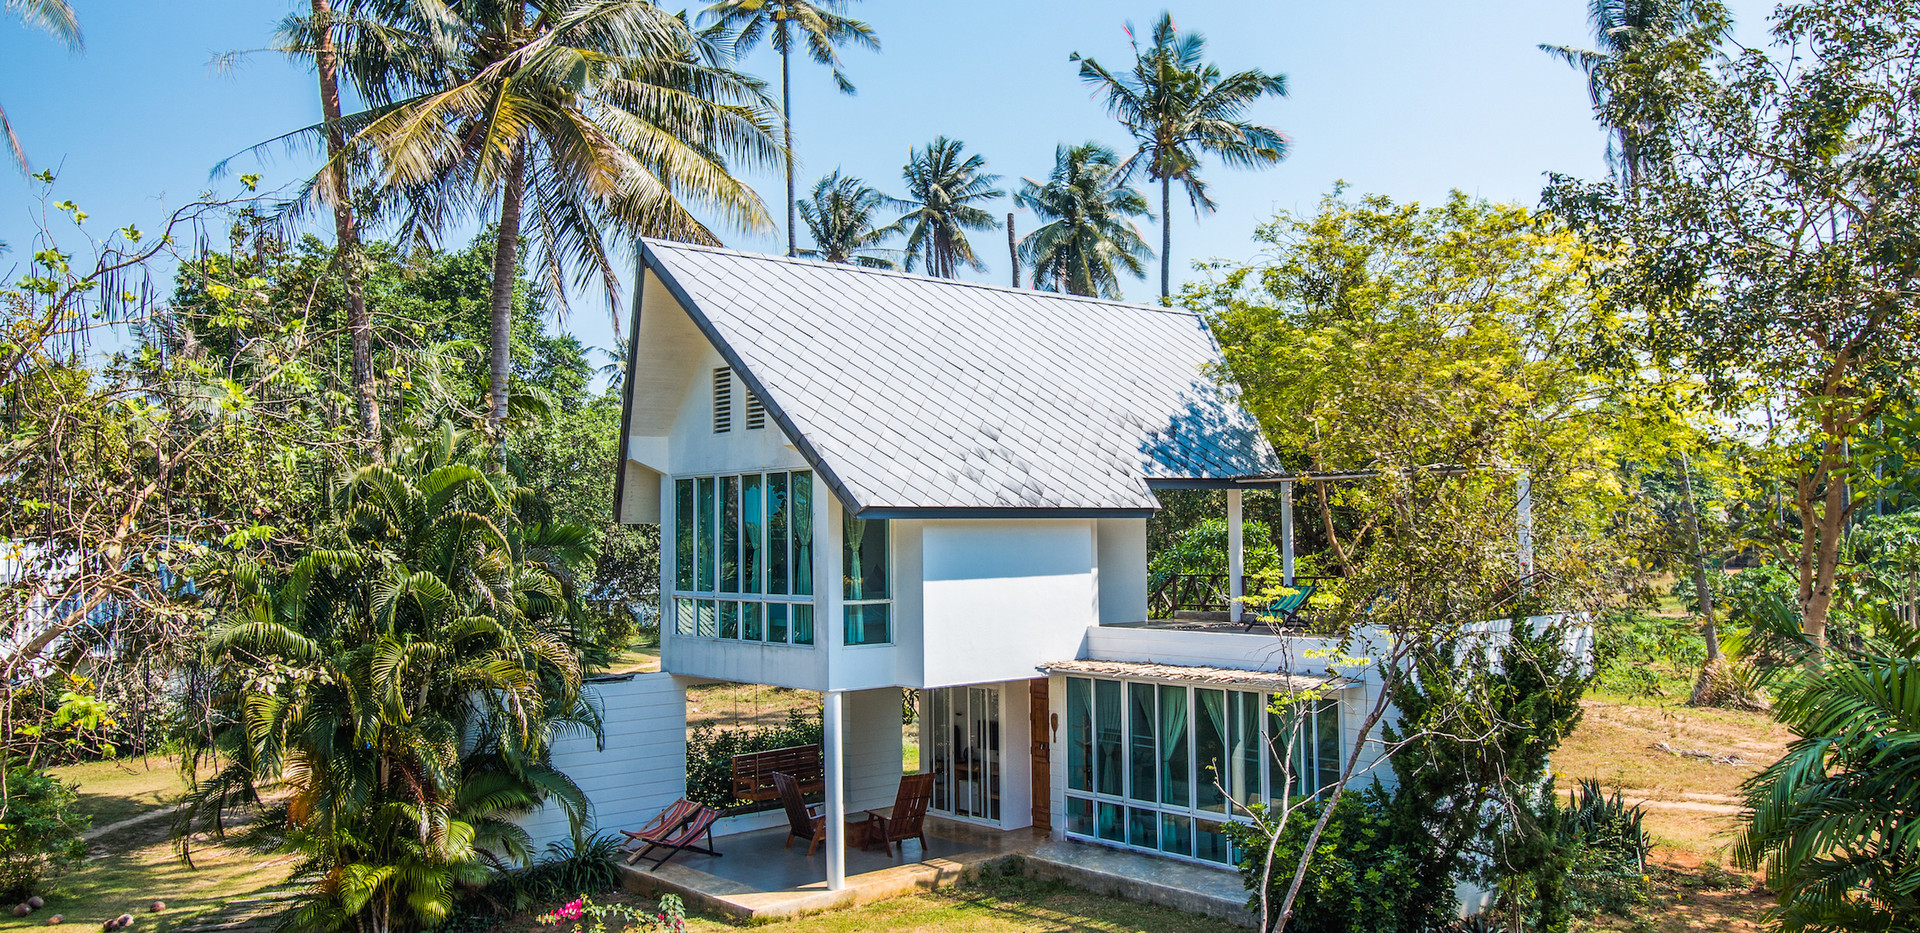 Thailand Yoga Holidays Destination Paradise Island Bungalow